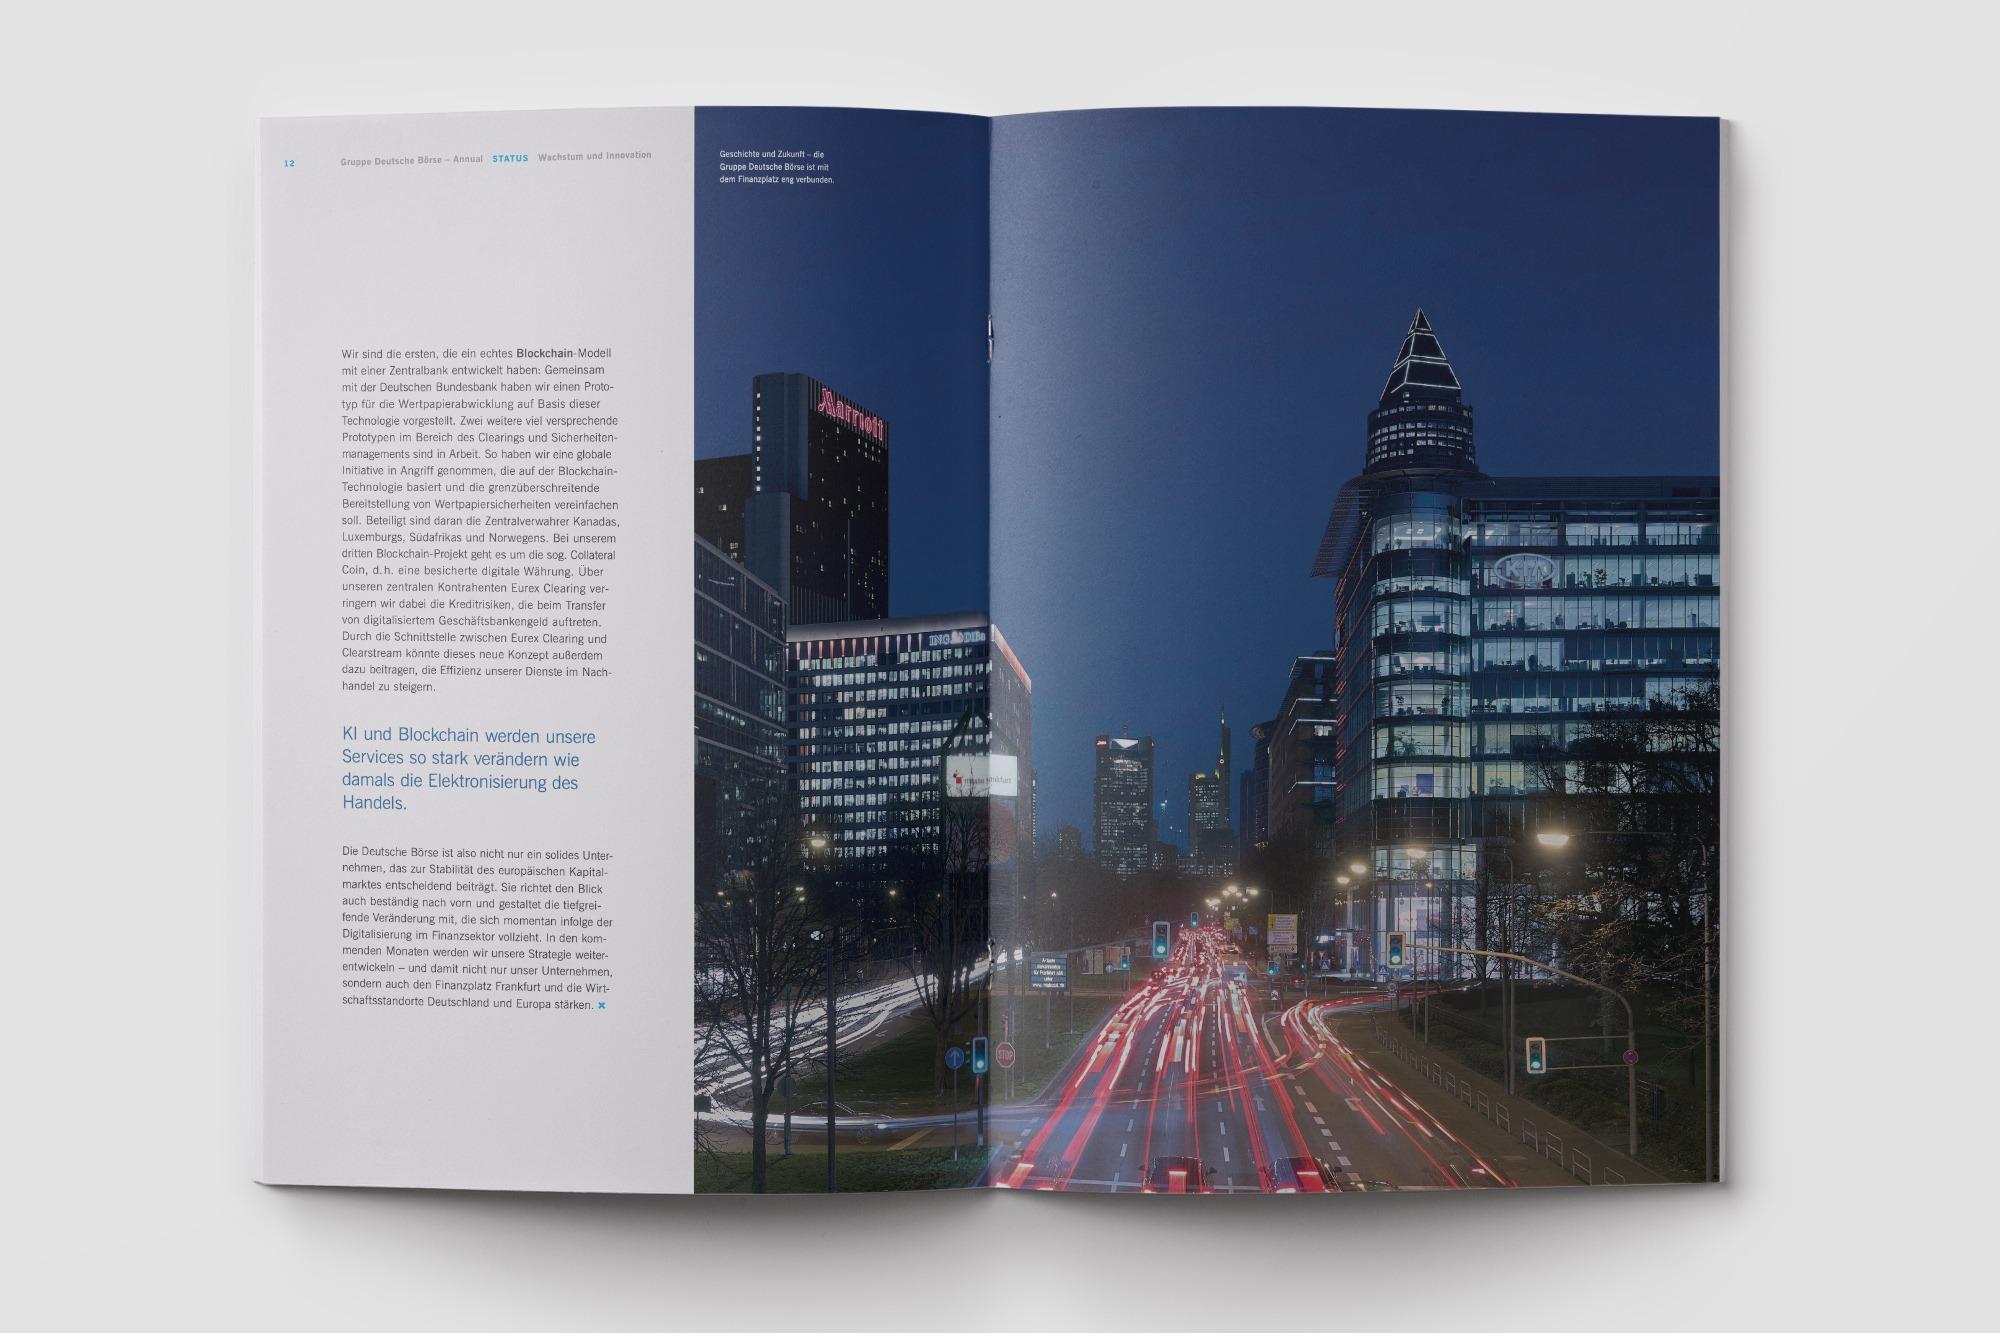 Studio dos, Grafikdesign Osnabrück, Gruppe Deutsche Börse Annual Innenseite aufgeschlagen